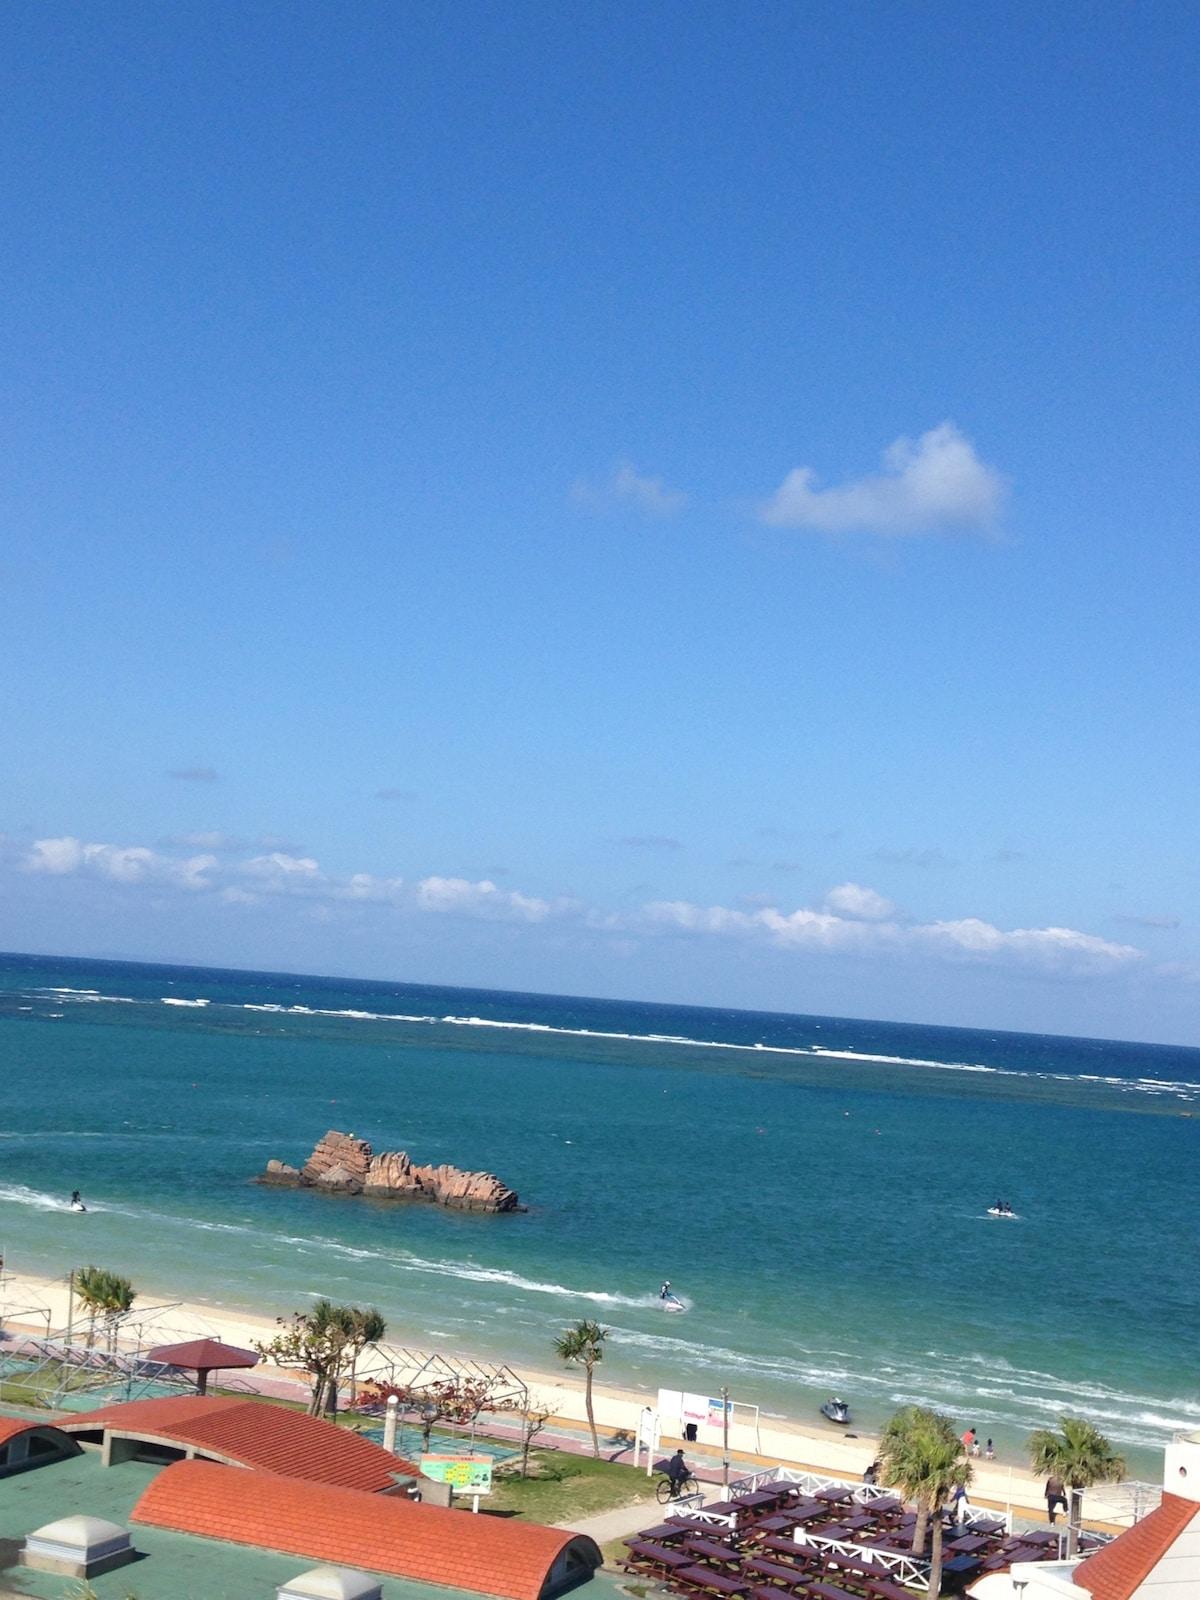 沖縄屈指のビーチリゾートエリア✨